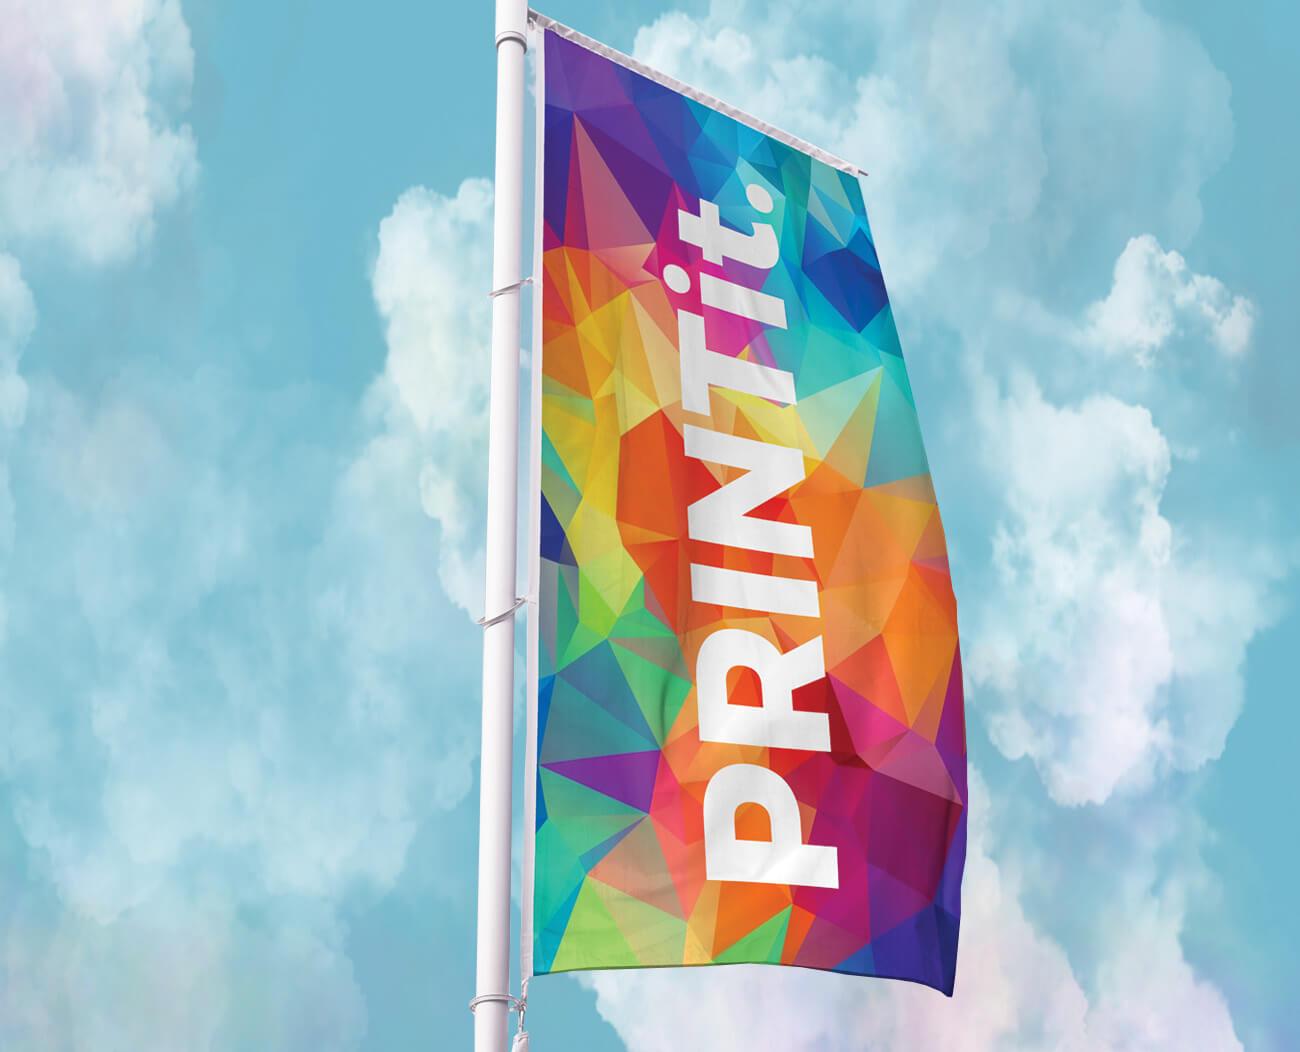 Steag 110 g - de la 3.00 LEI |  PRINTCENTER - Tipar digital, offset, indoor, outdoor